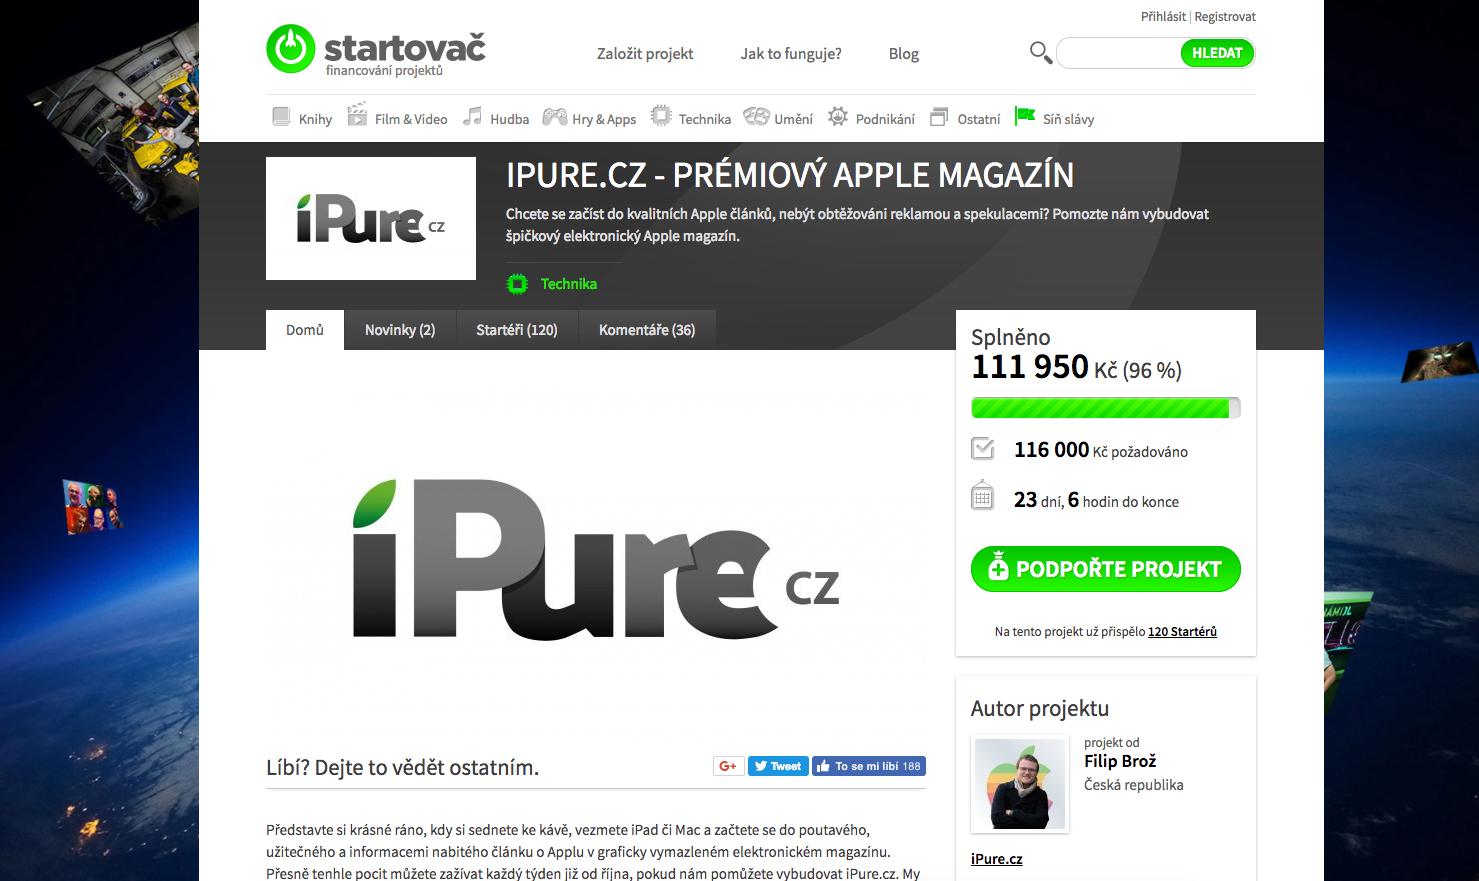 iPure kampaň